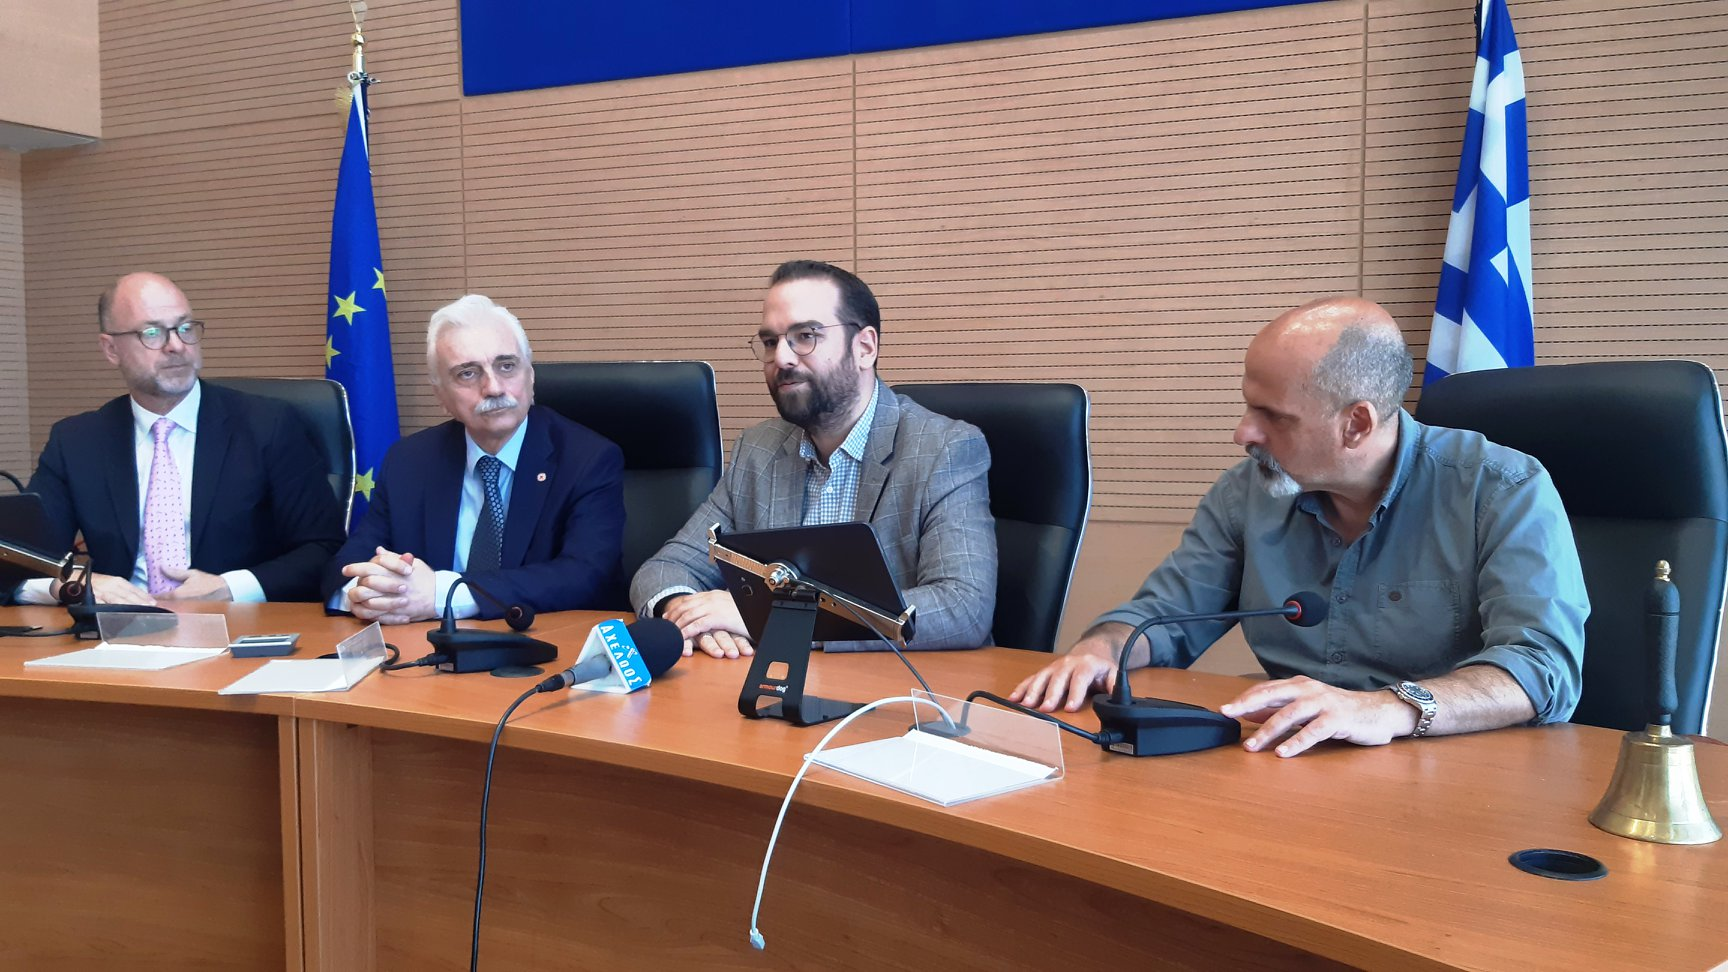 ΠΔΕ: Τρεις πυλώνες συνεργασίας της Περιφέρειας Δυτικής Ελλάδας με τον Ε.Ε.Σ. - Δηλώσεις (photos-ΒΙΝΤΕΟ)